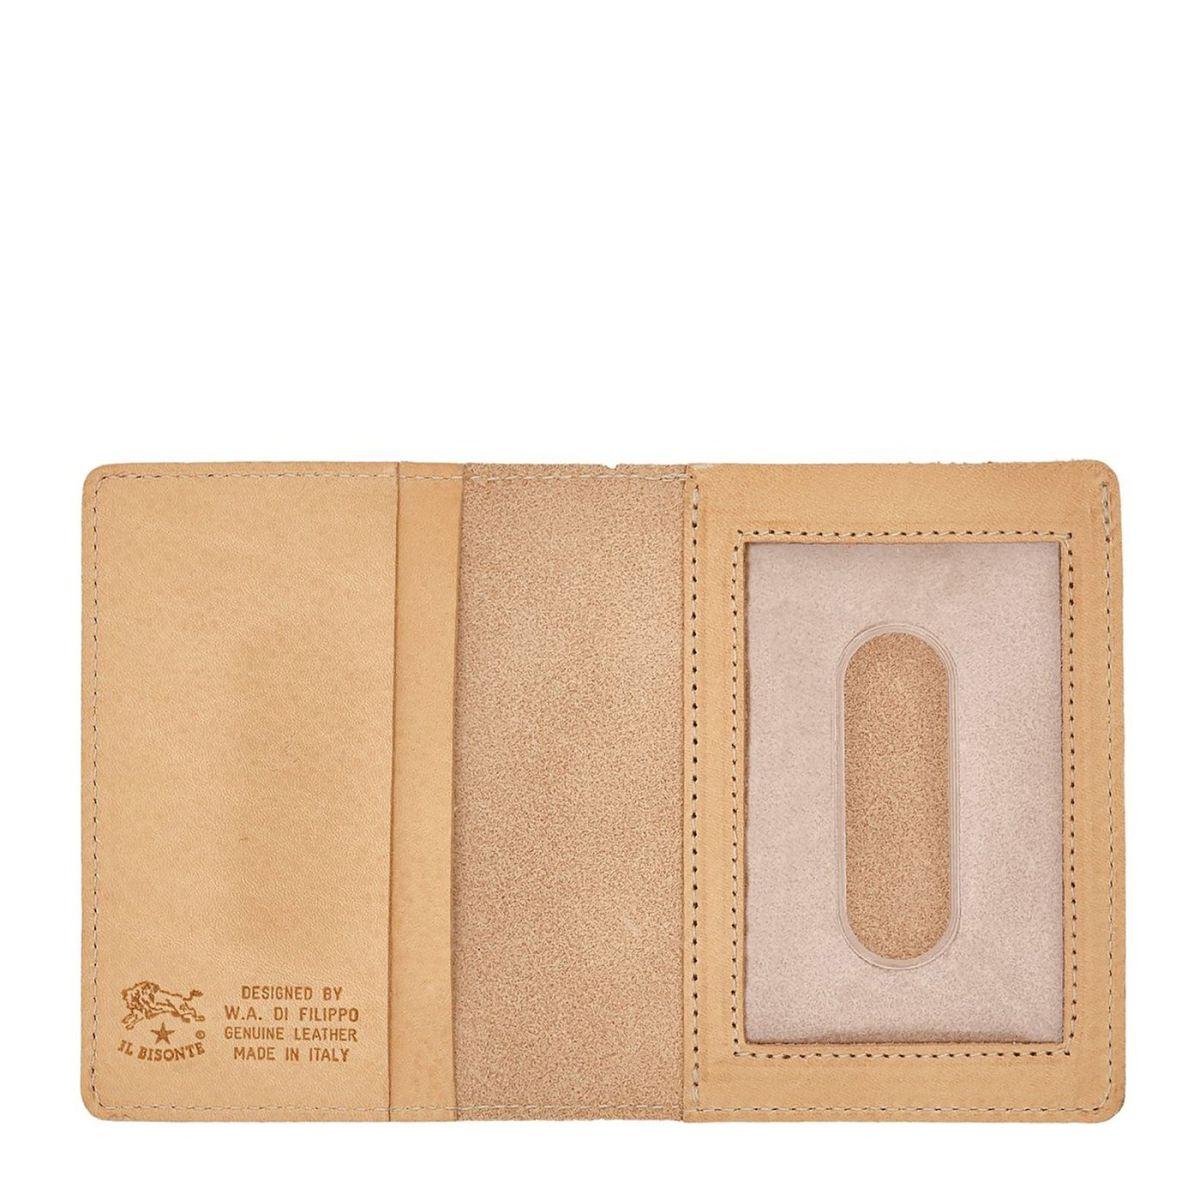 Porte-Cartes  en Cuir De Vachette Doublé SCC003 couleur Naturel | Details